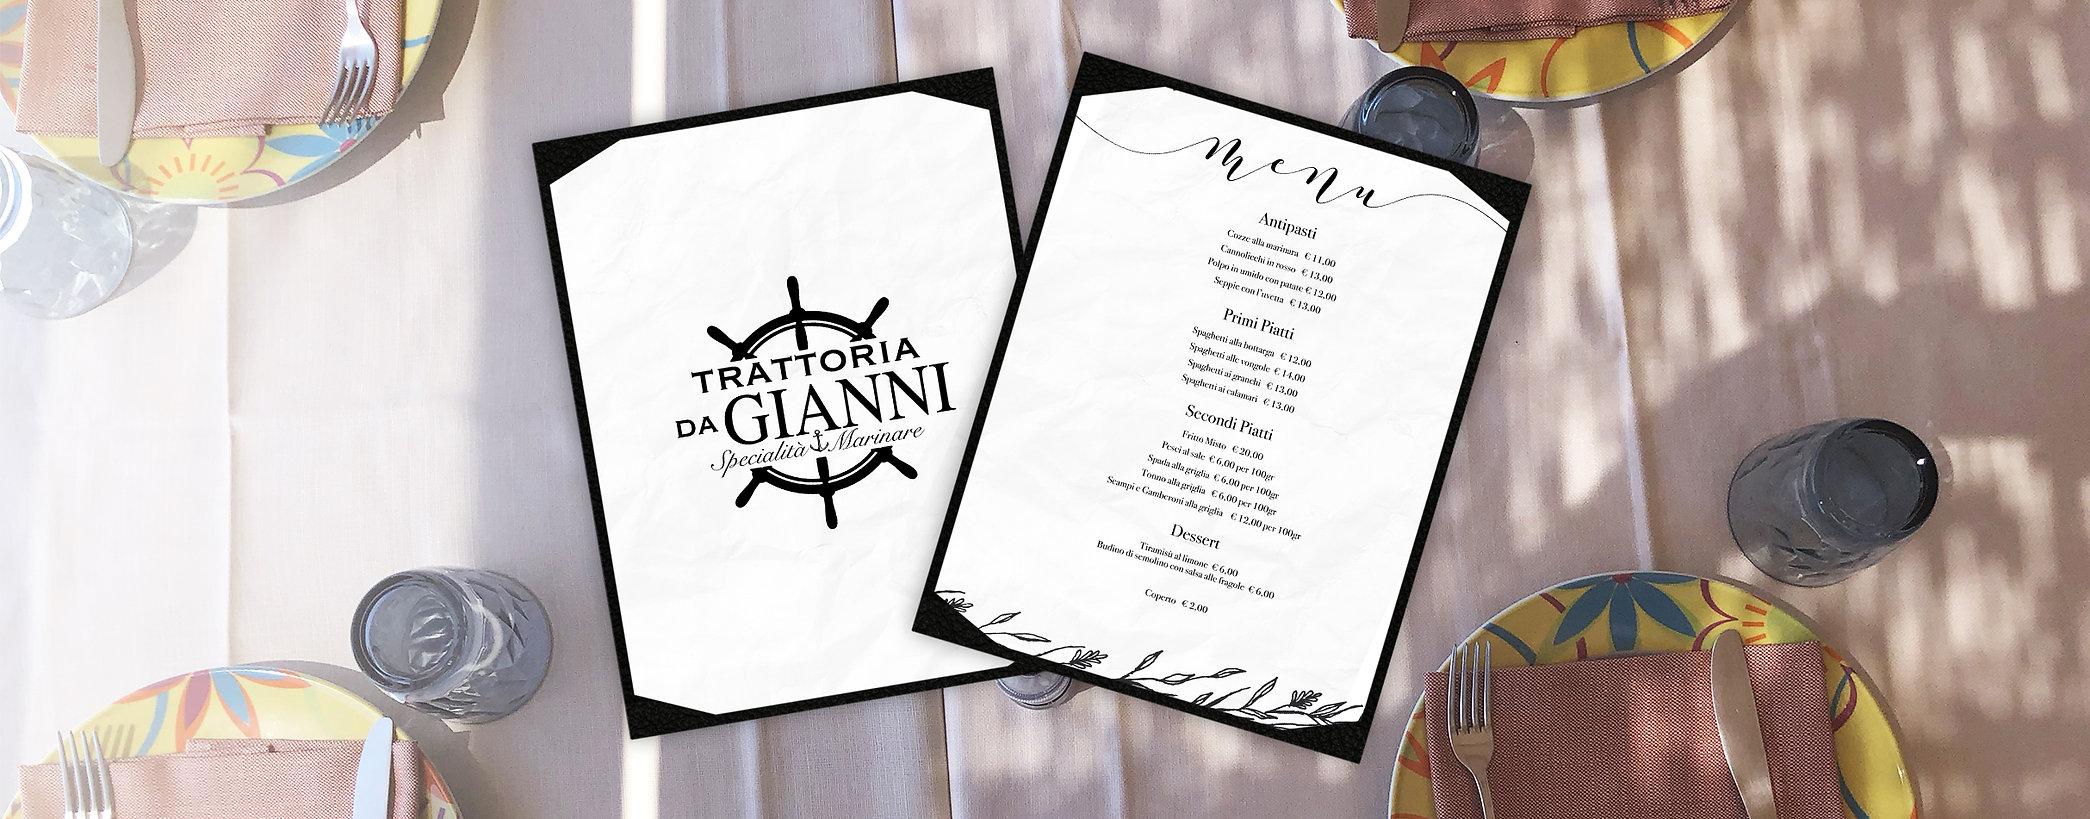 menu-mockup GIANNI.jpg